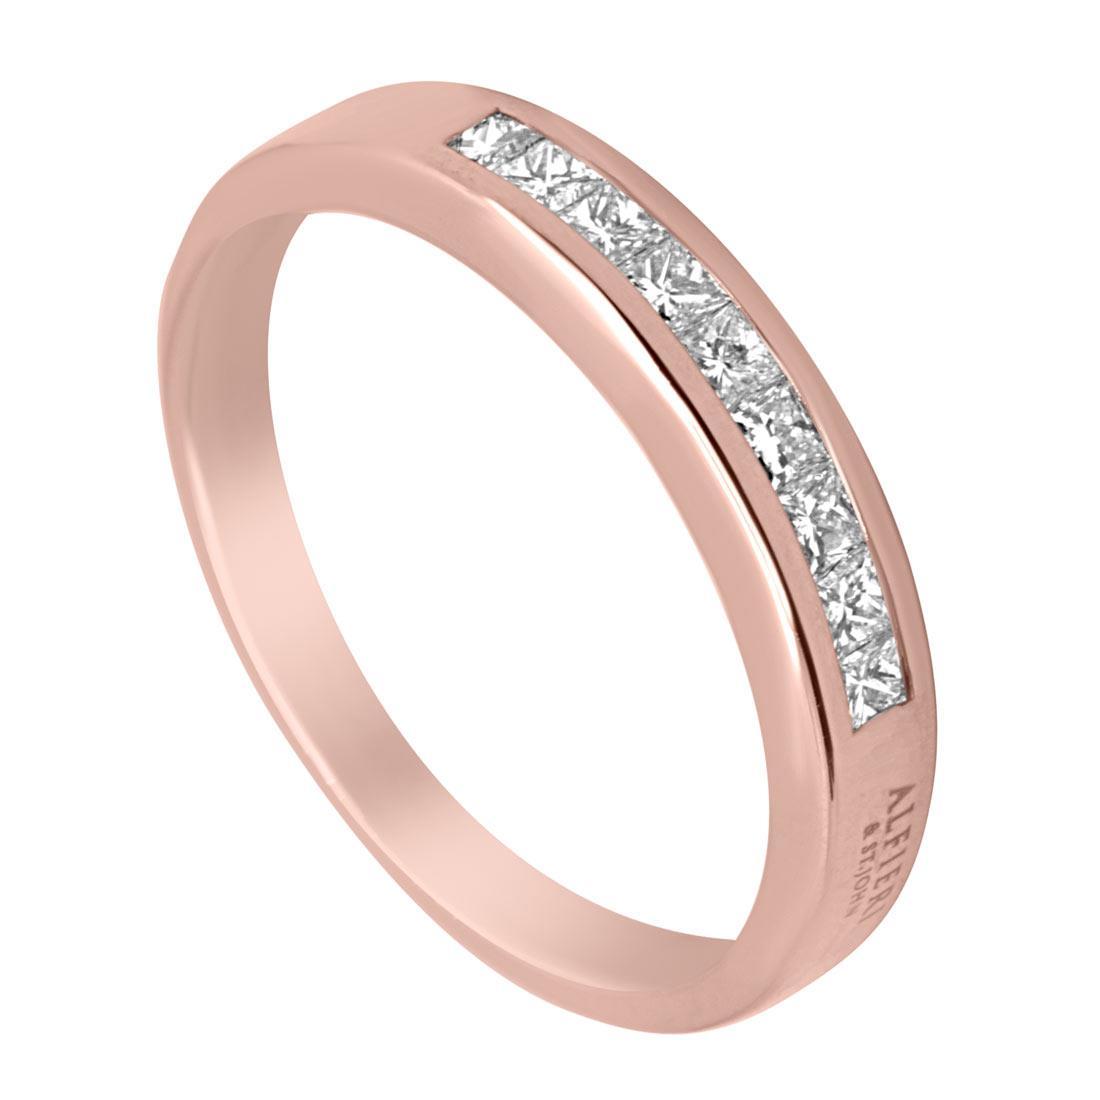 Anello in oro rosa con diamanti mis 14 - ALFIERI & ST. JOHN